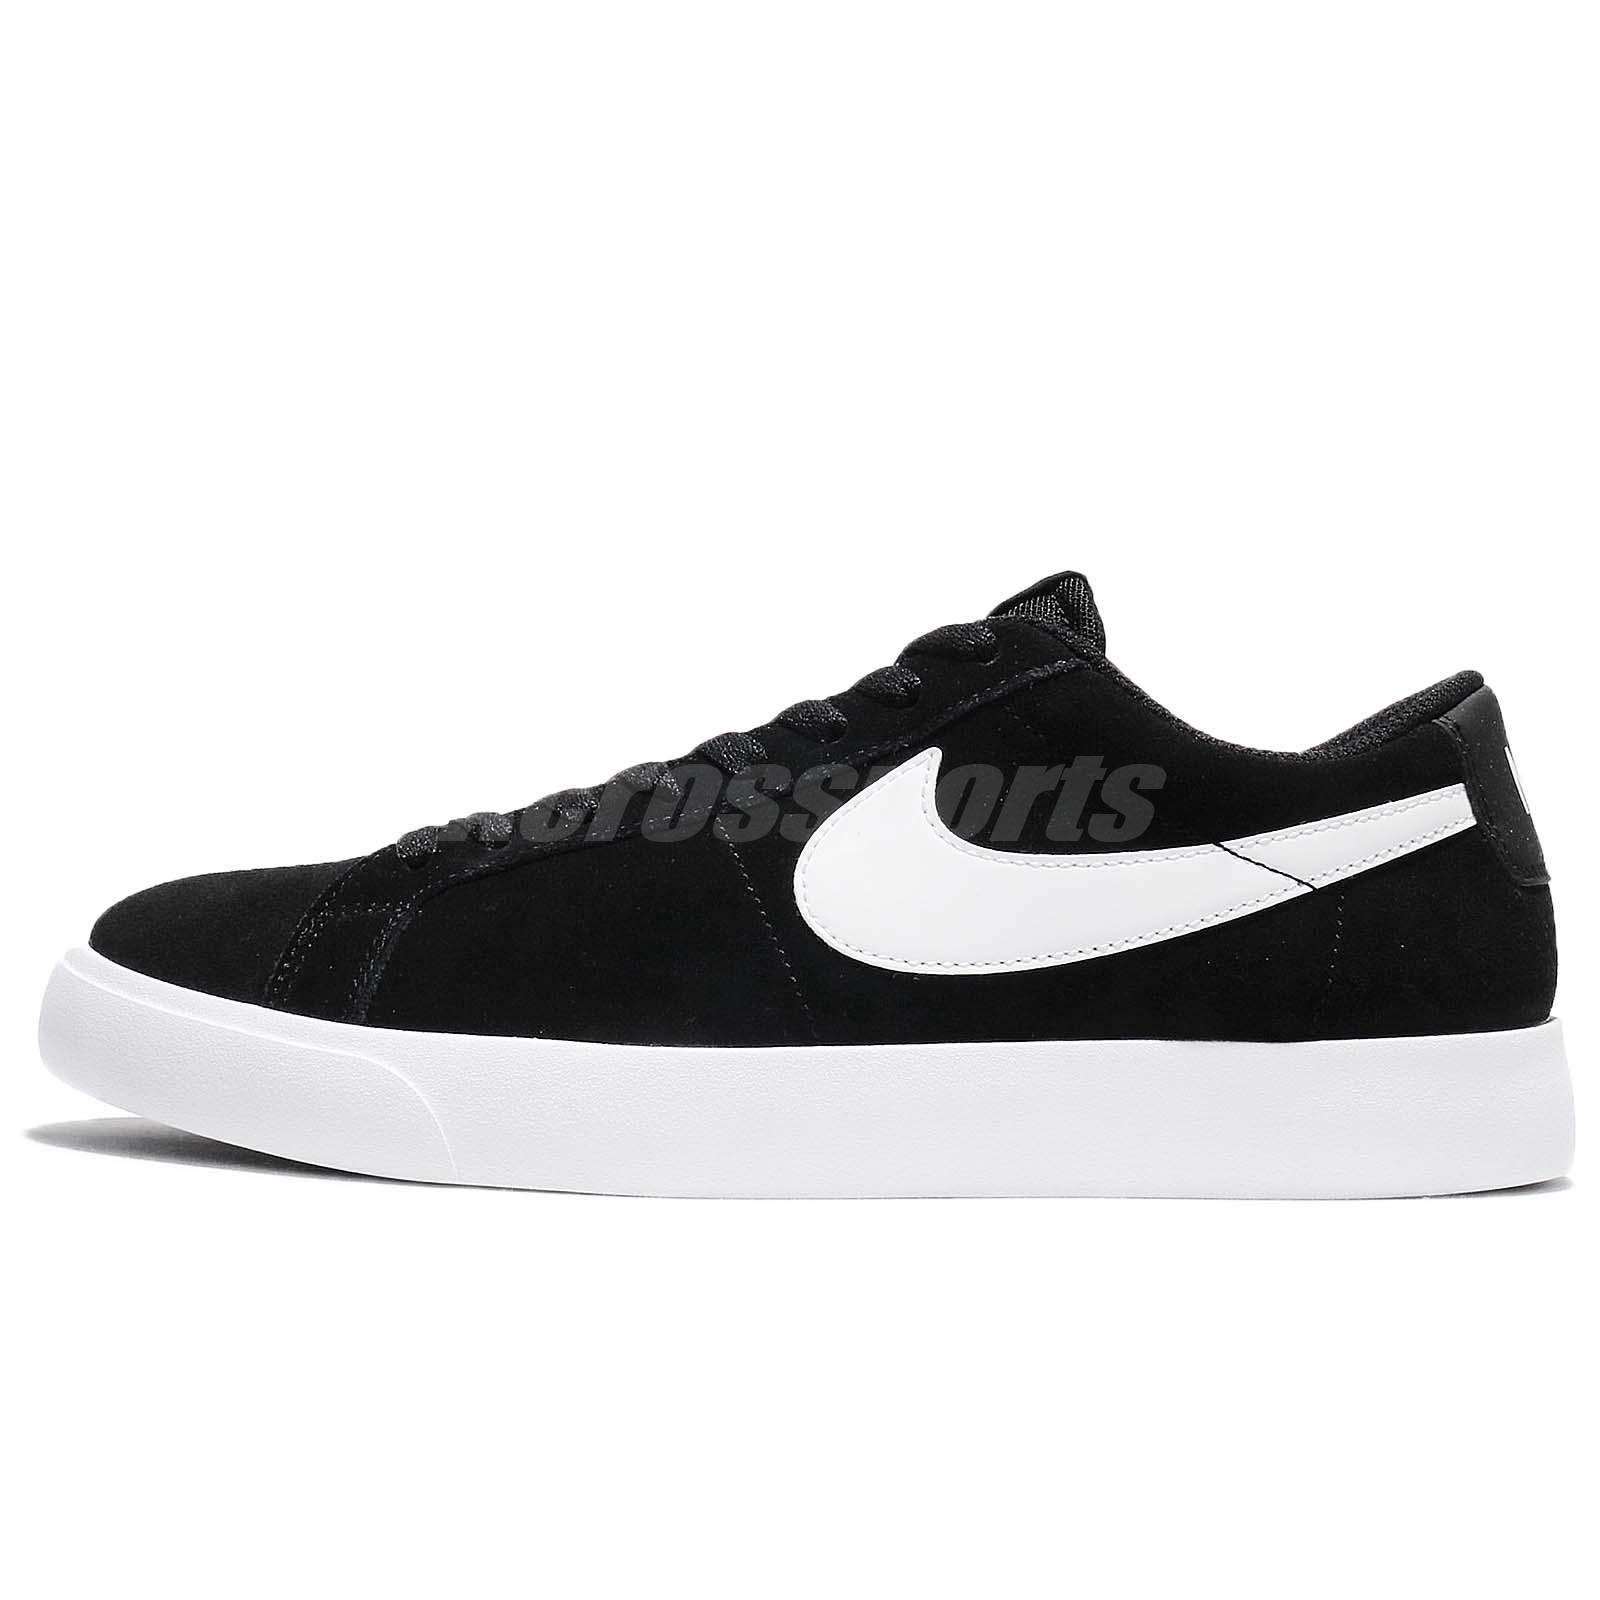 df0136888b Detalles acerca de Nike SB Blazer Vapor Negro Blanco Zapatos Tenis  878365-011 hombres Monopatín- mostrar título original